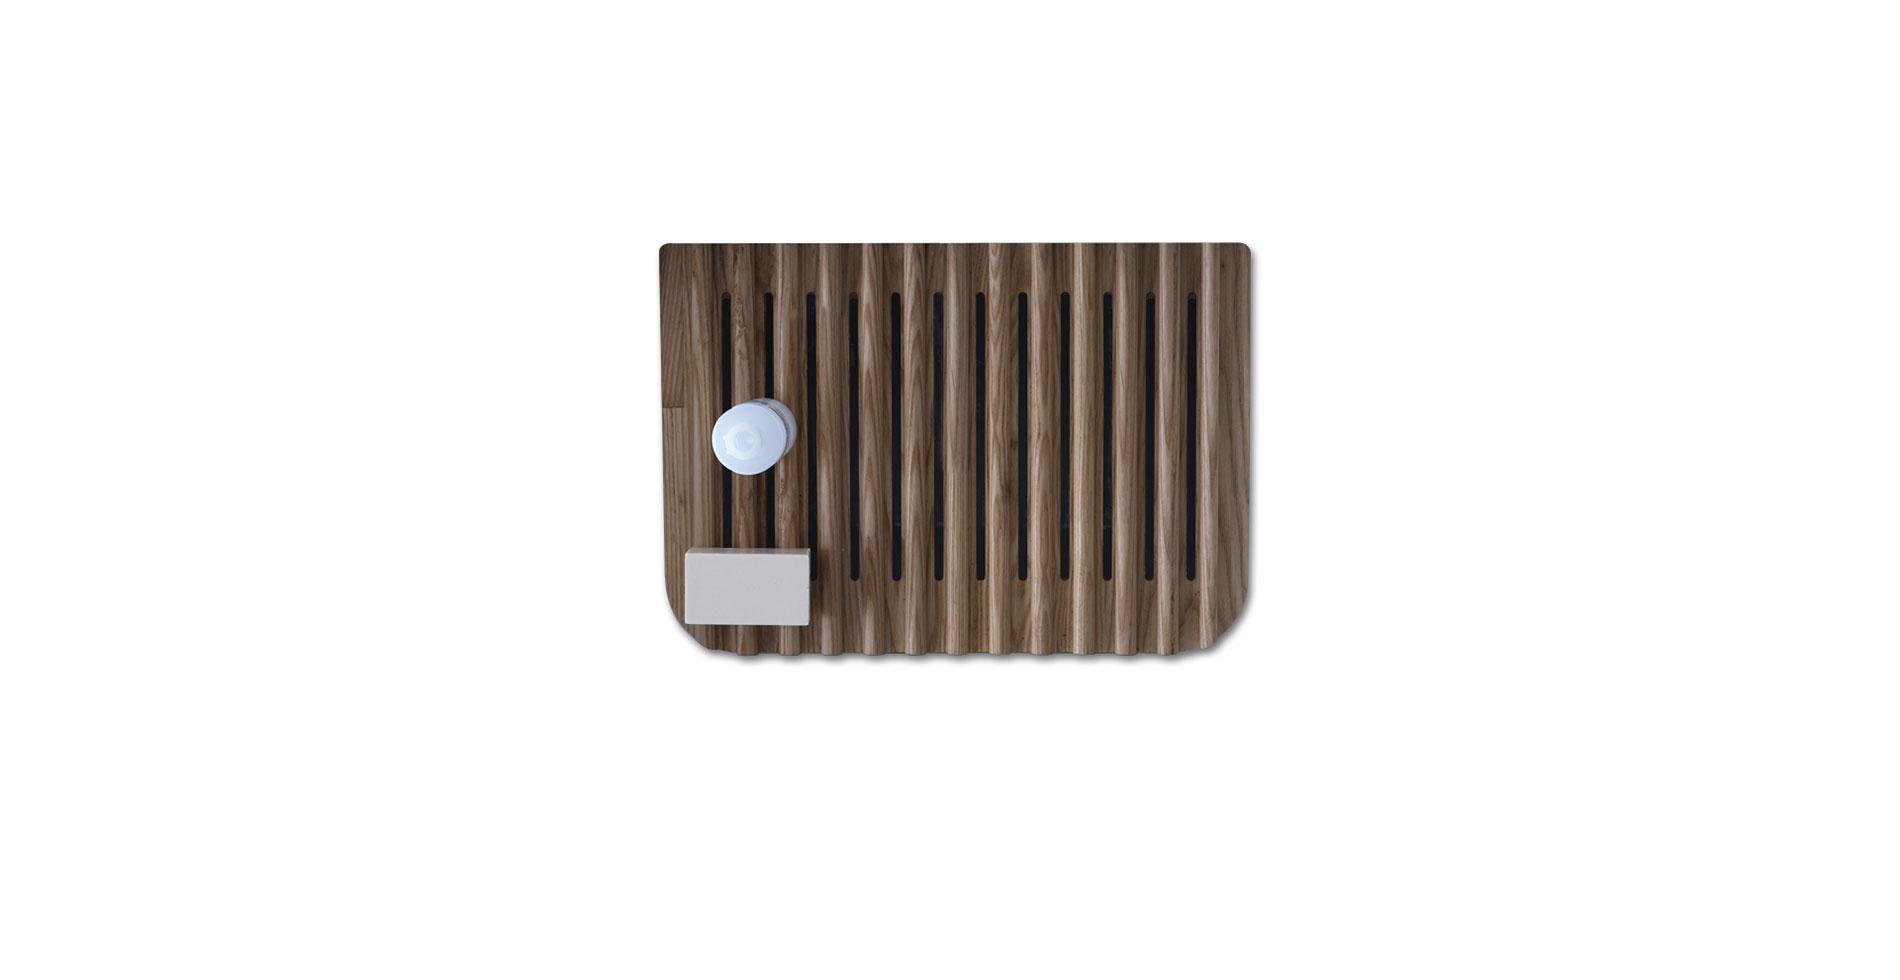 MEG11 - Lavabo lavatoio in legno di frassino - IF Product Design Award 2012 - Design by Antonio Pascale per Galassia